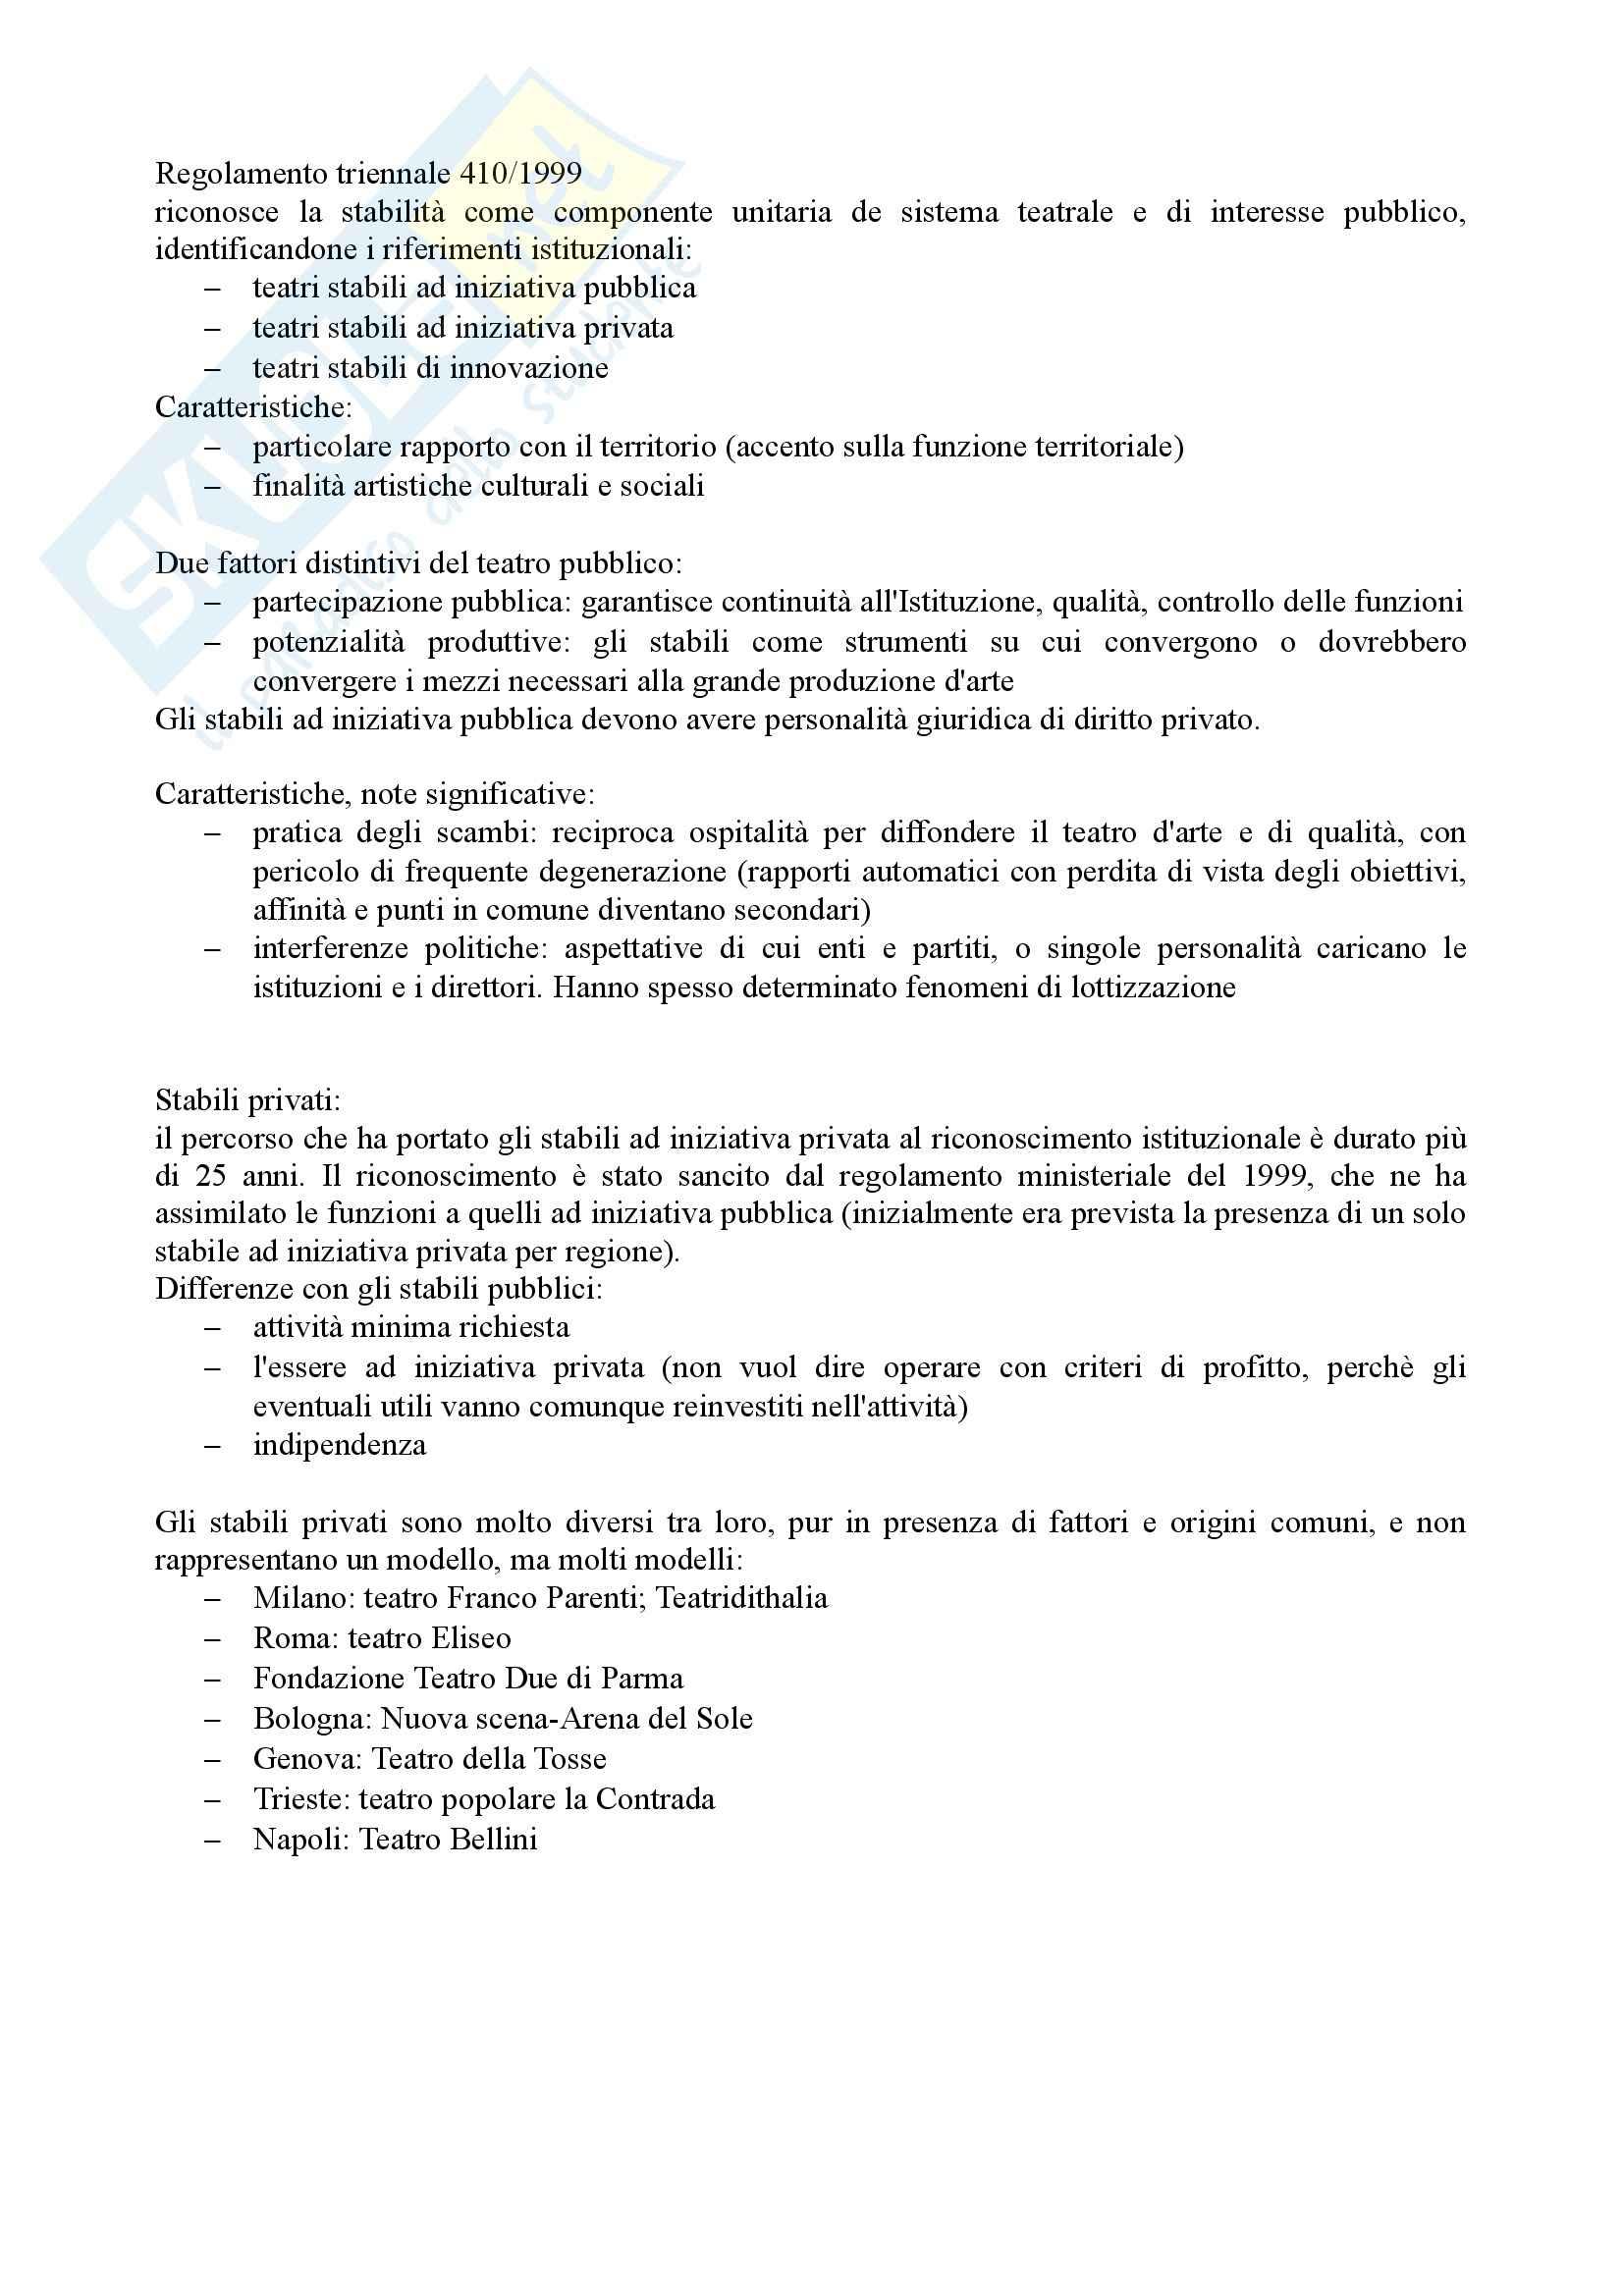 Riassunto esame Economia e Organizzazione dello Spettacolo, prof. Casari, libro consigliato Organizzare Teatro, Gallina Pag. 6